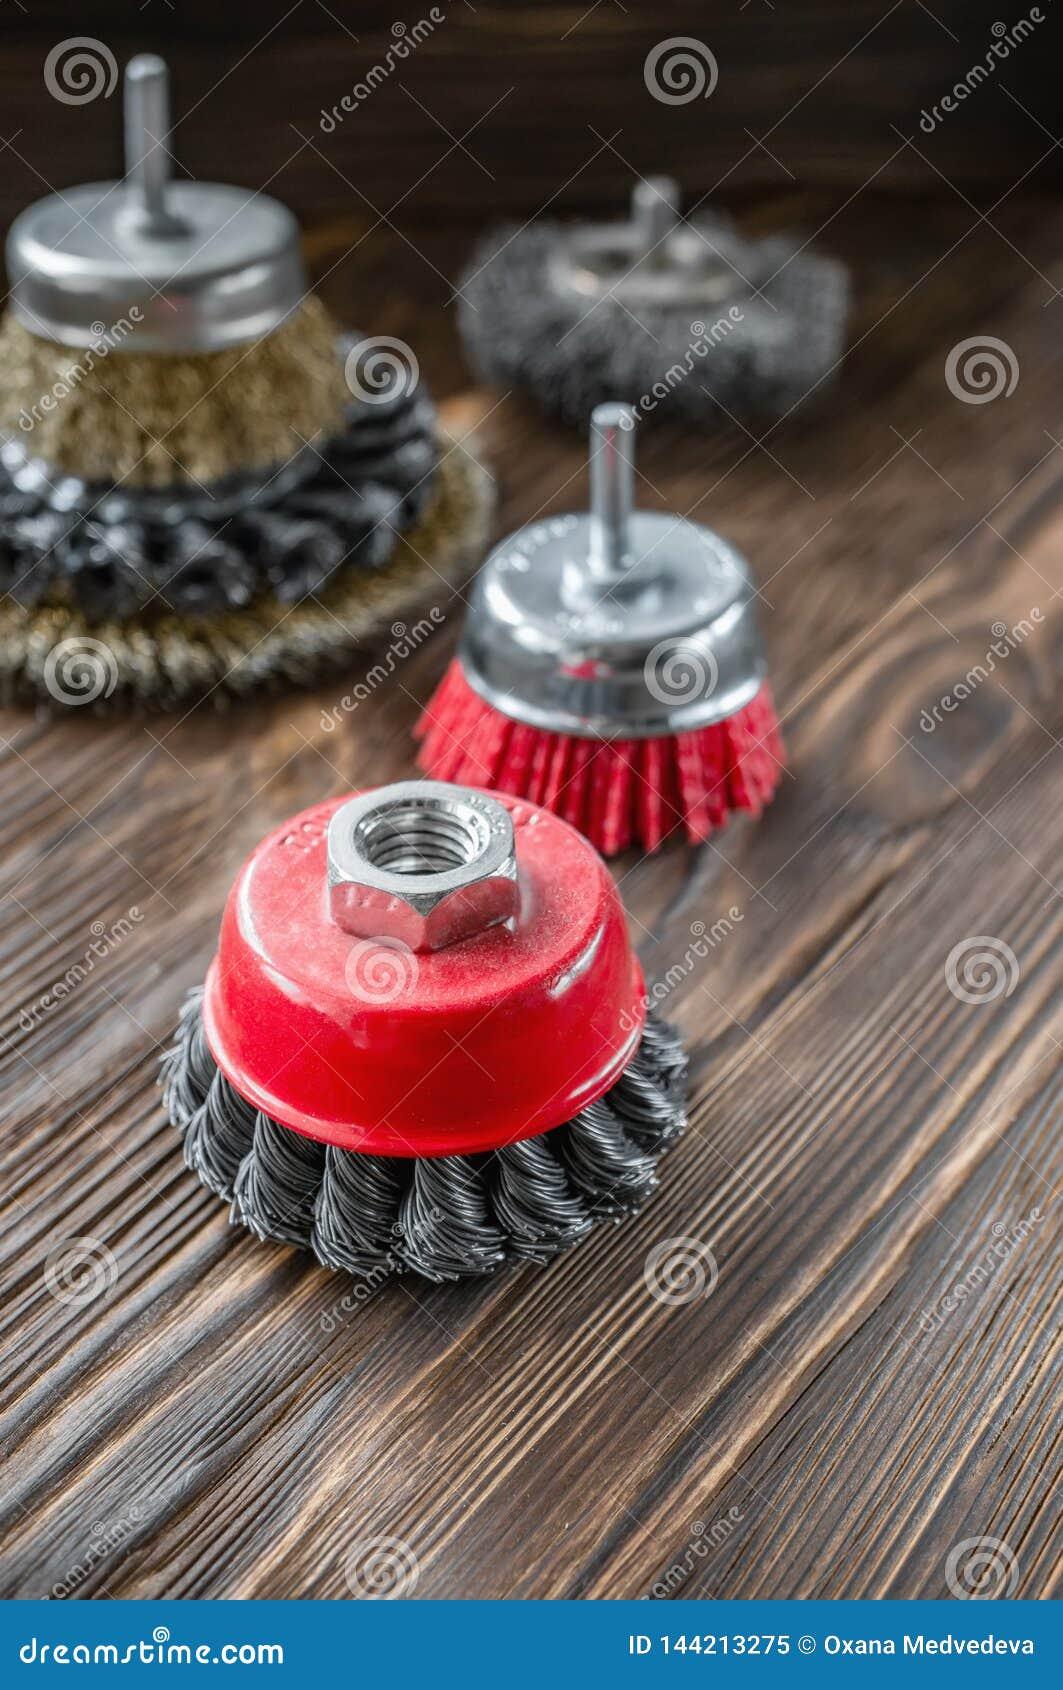 Strumenti abrasivi per la spazzolatura del legno e dargli struttura Spazzole metalliche su legno trattato Copi lo spazio